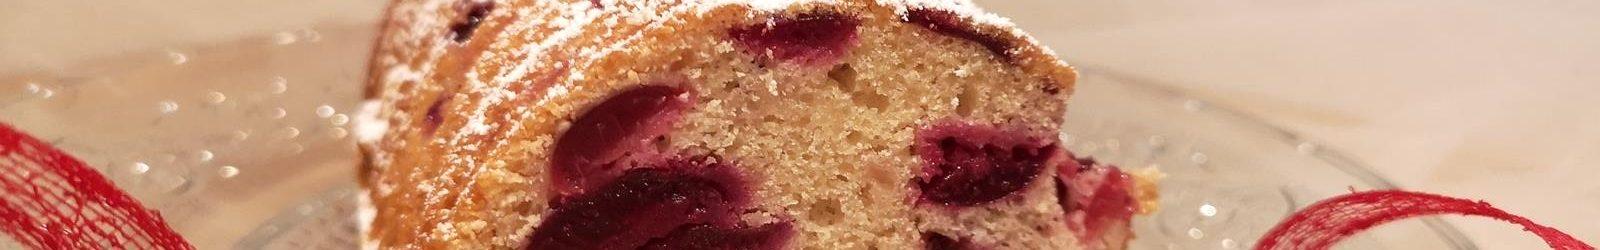 Torta tipo Amor polenta con ciliegie la ricetta